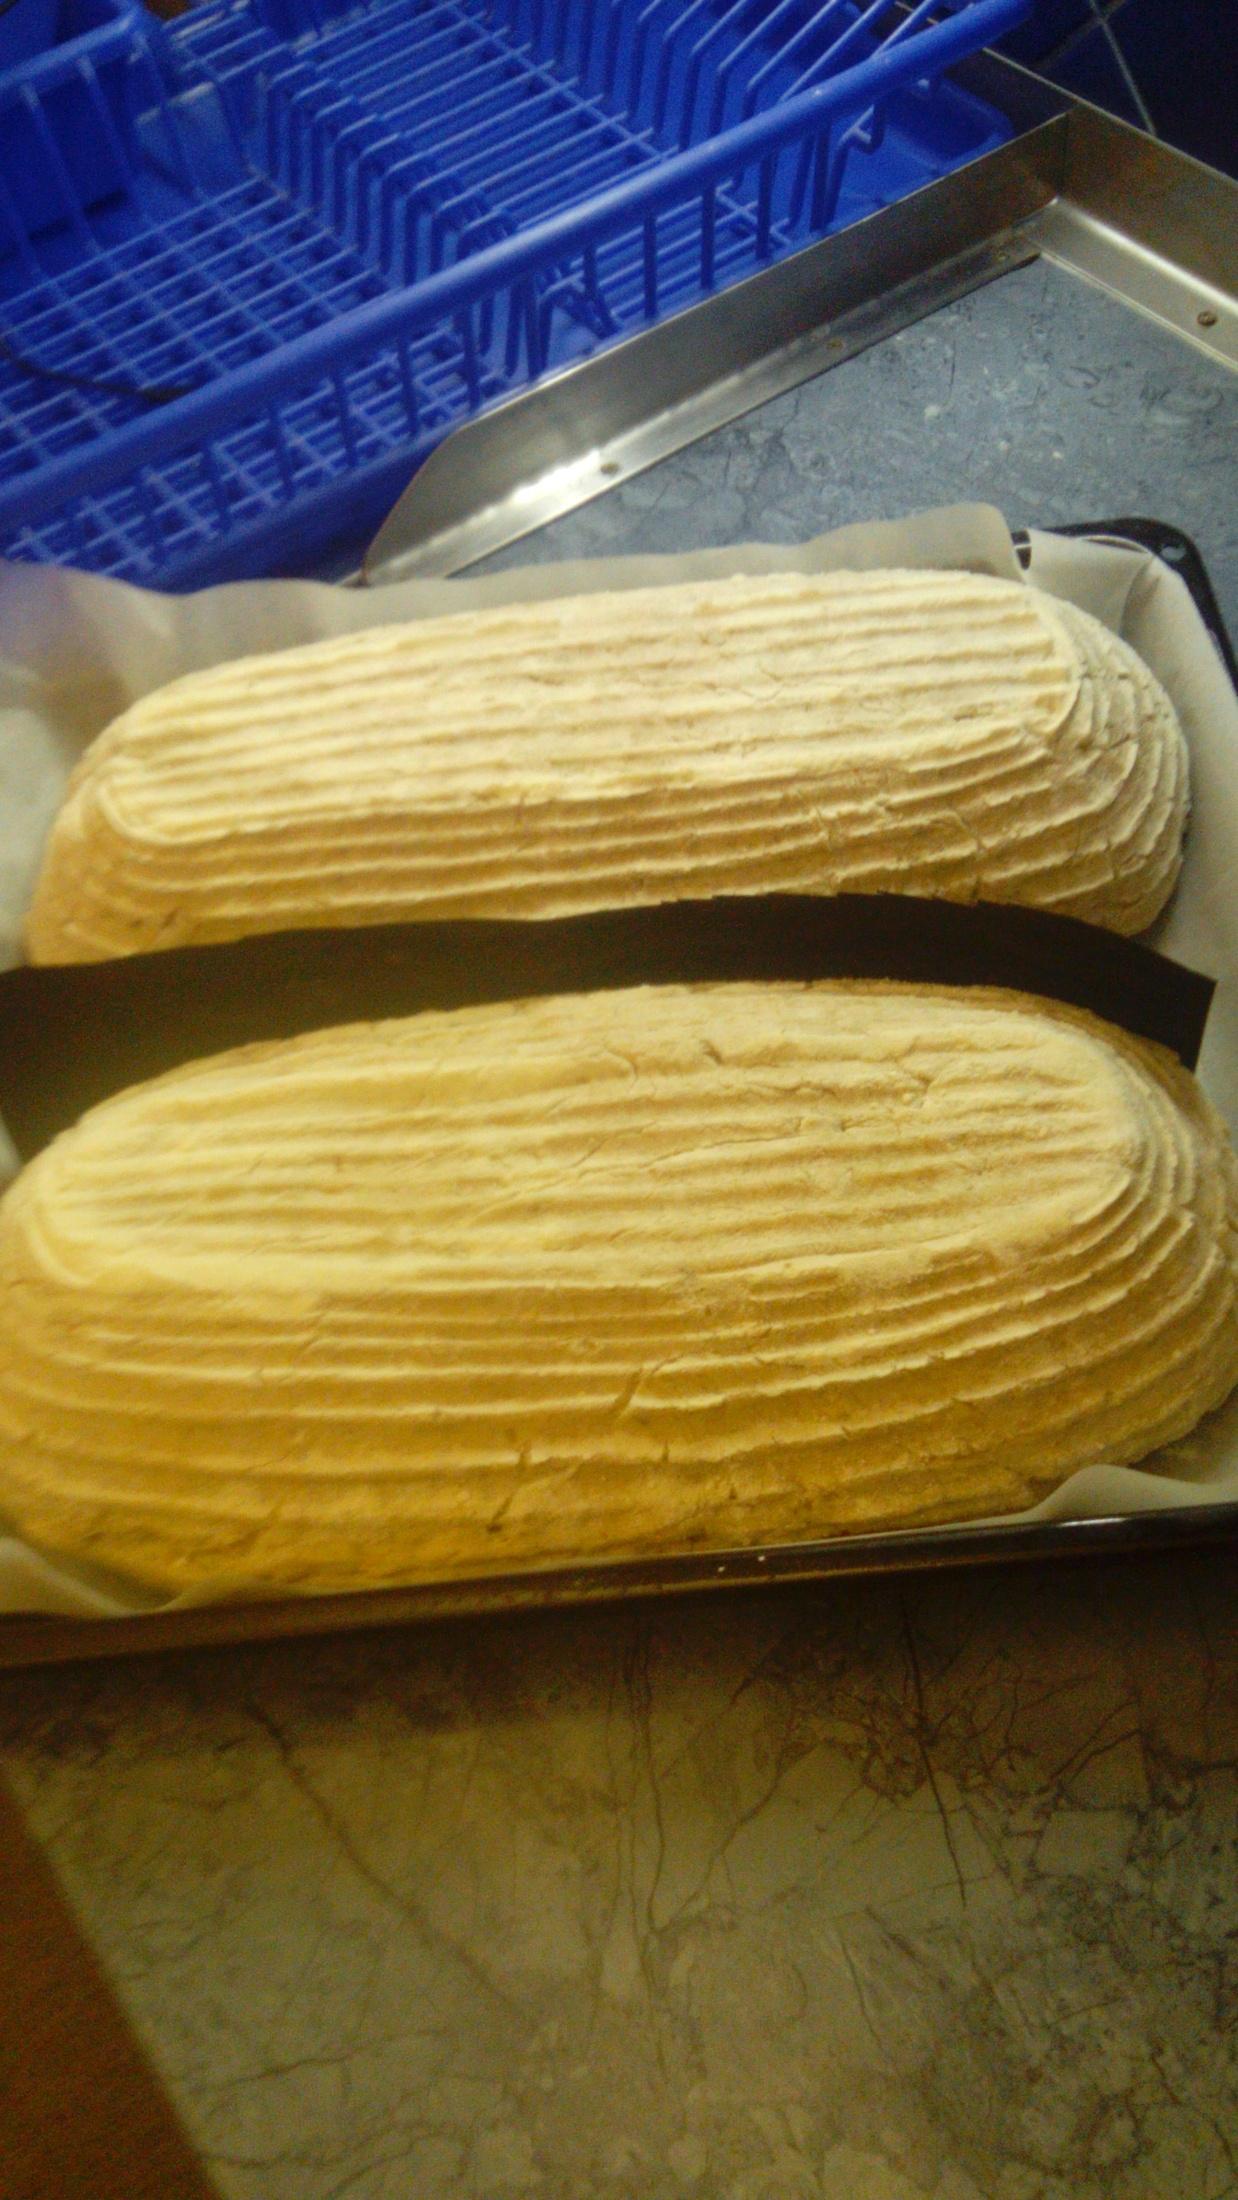 Recept Chléb z žitného kvásku - Uprostred je folie aby se chleby neslepily.